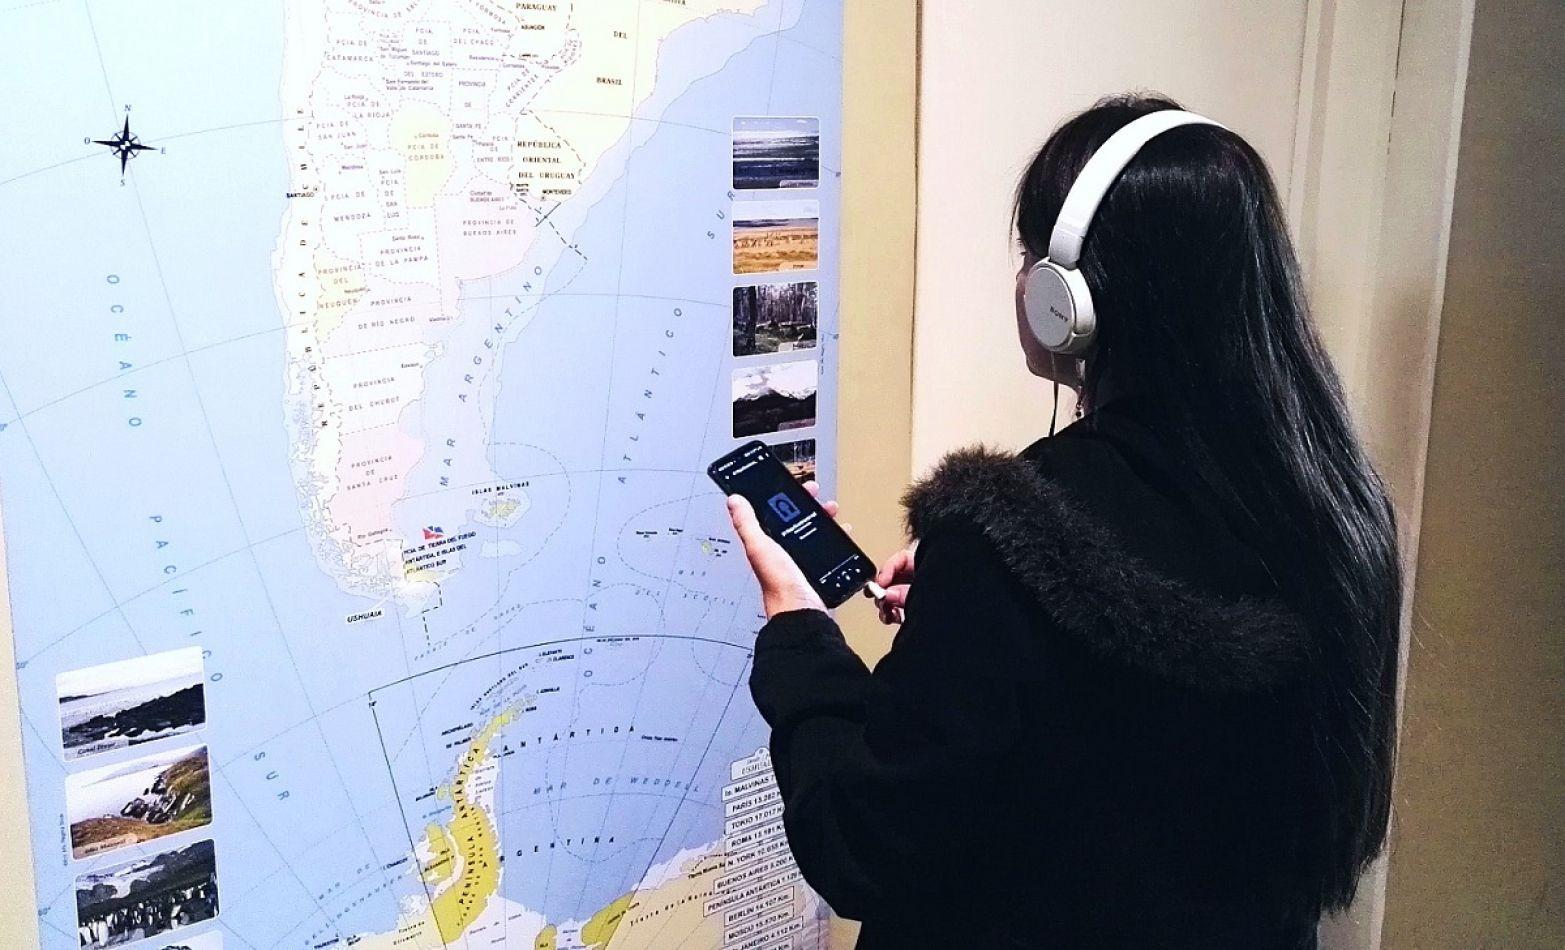 El Museo del Fin del Mundo lanzó una audioguía gratuita en castellano